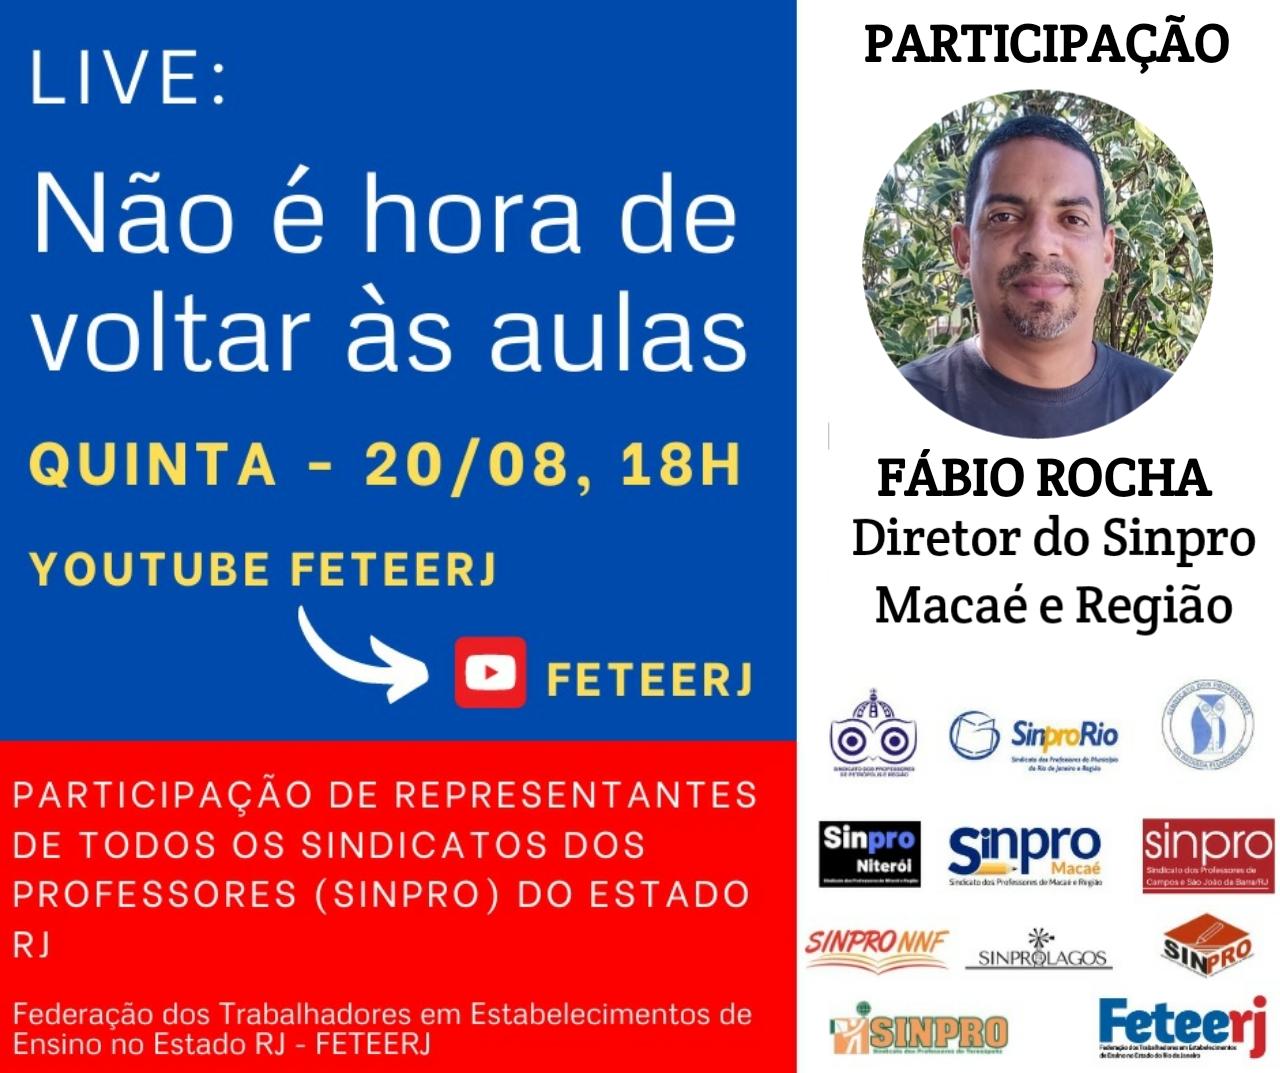 Professor Fábio Rocha, do Sinpro Macaé e Região, irá participar de LIve Não é hora de voltar às aulas da FETEERJ